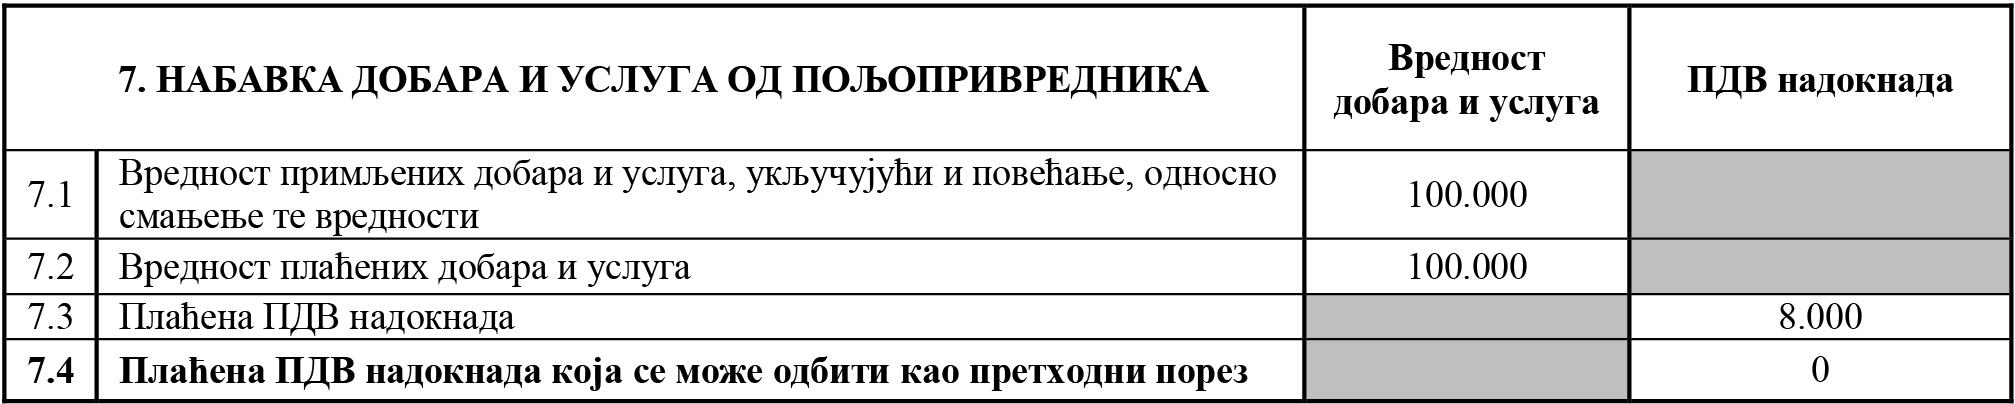 uputstvo PU obrazac POPDV primer 84